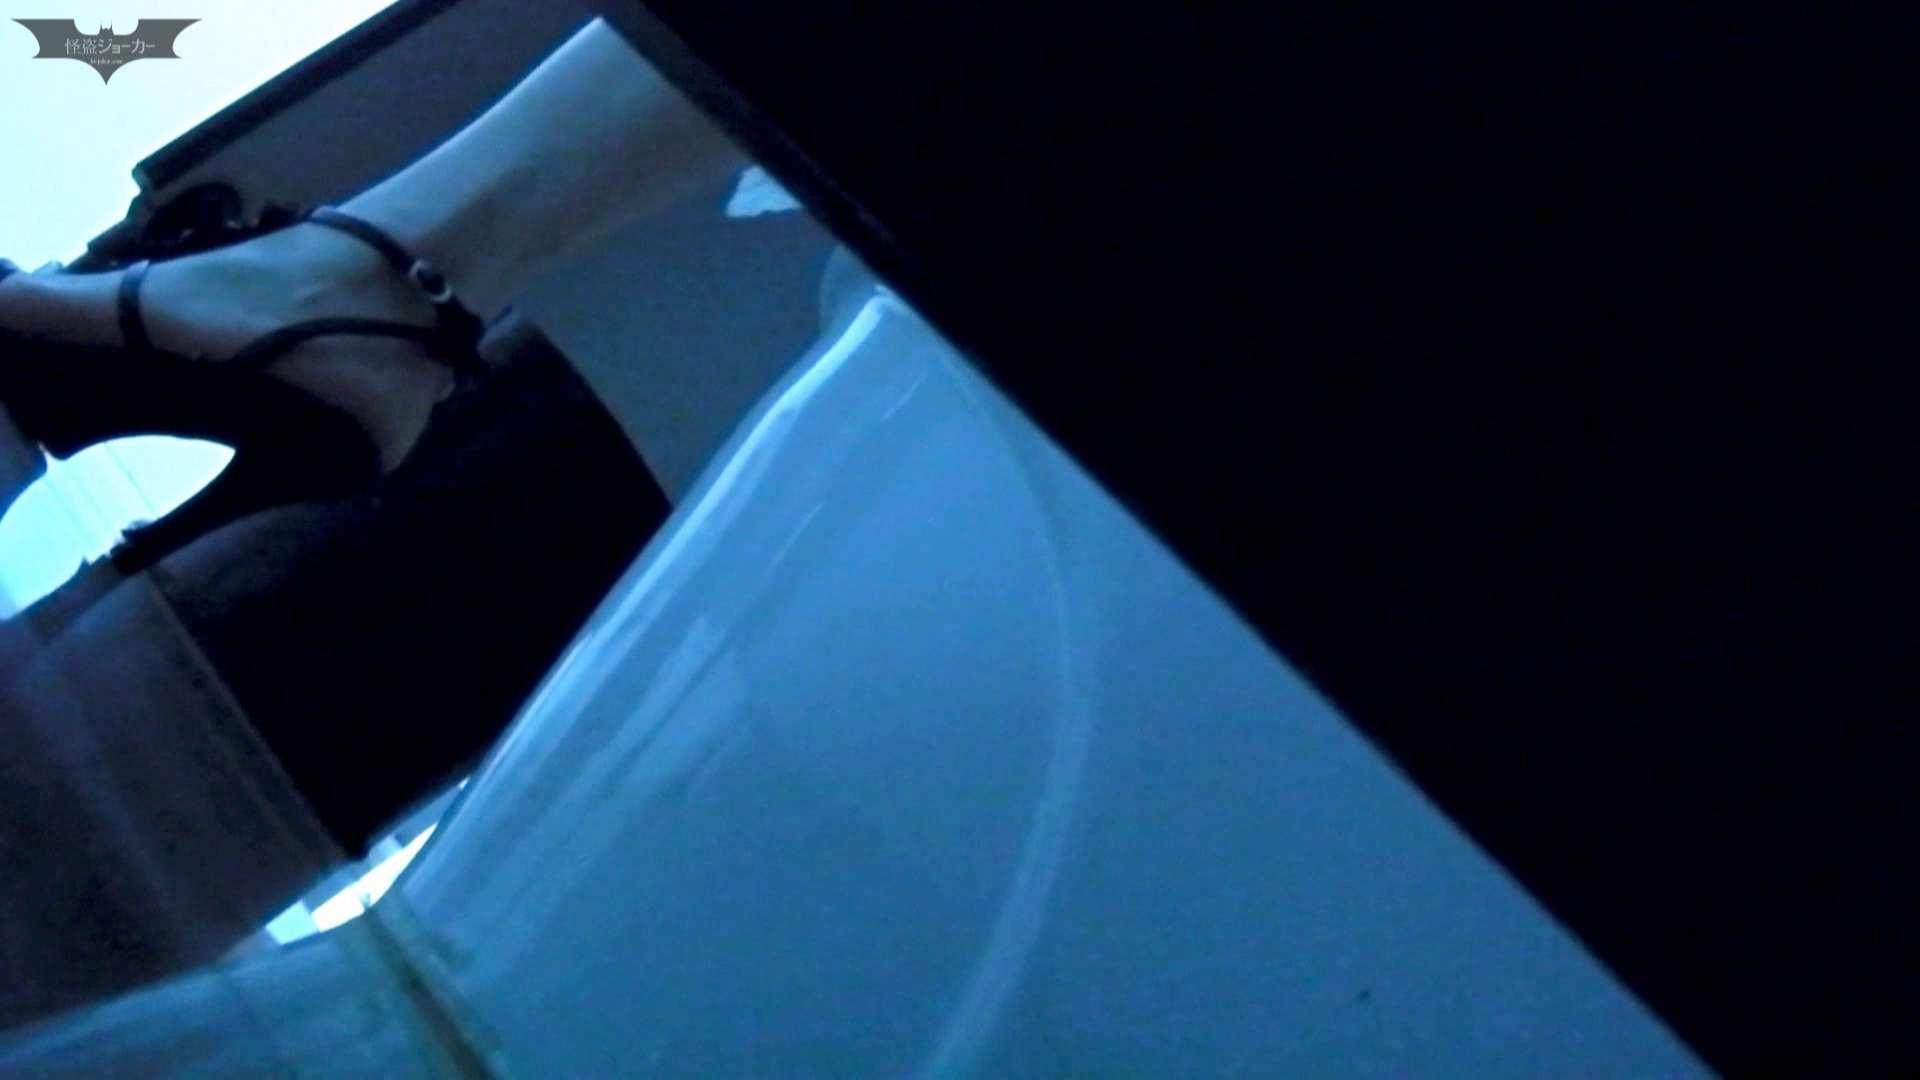 新世界の射窓 No70 世界の窓70 八頭身美女のエロい中腰 洗面所 AV動画キャプチャ 101画像 11